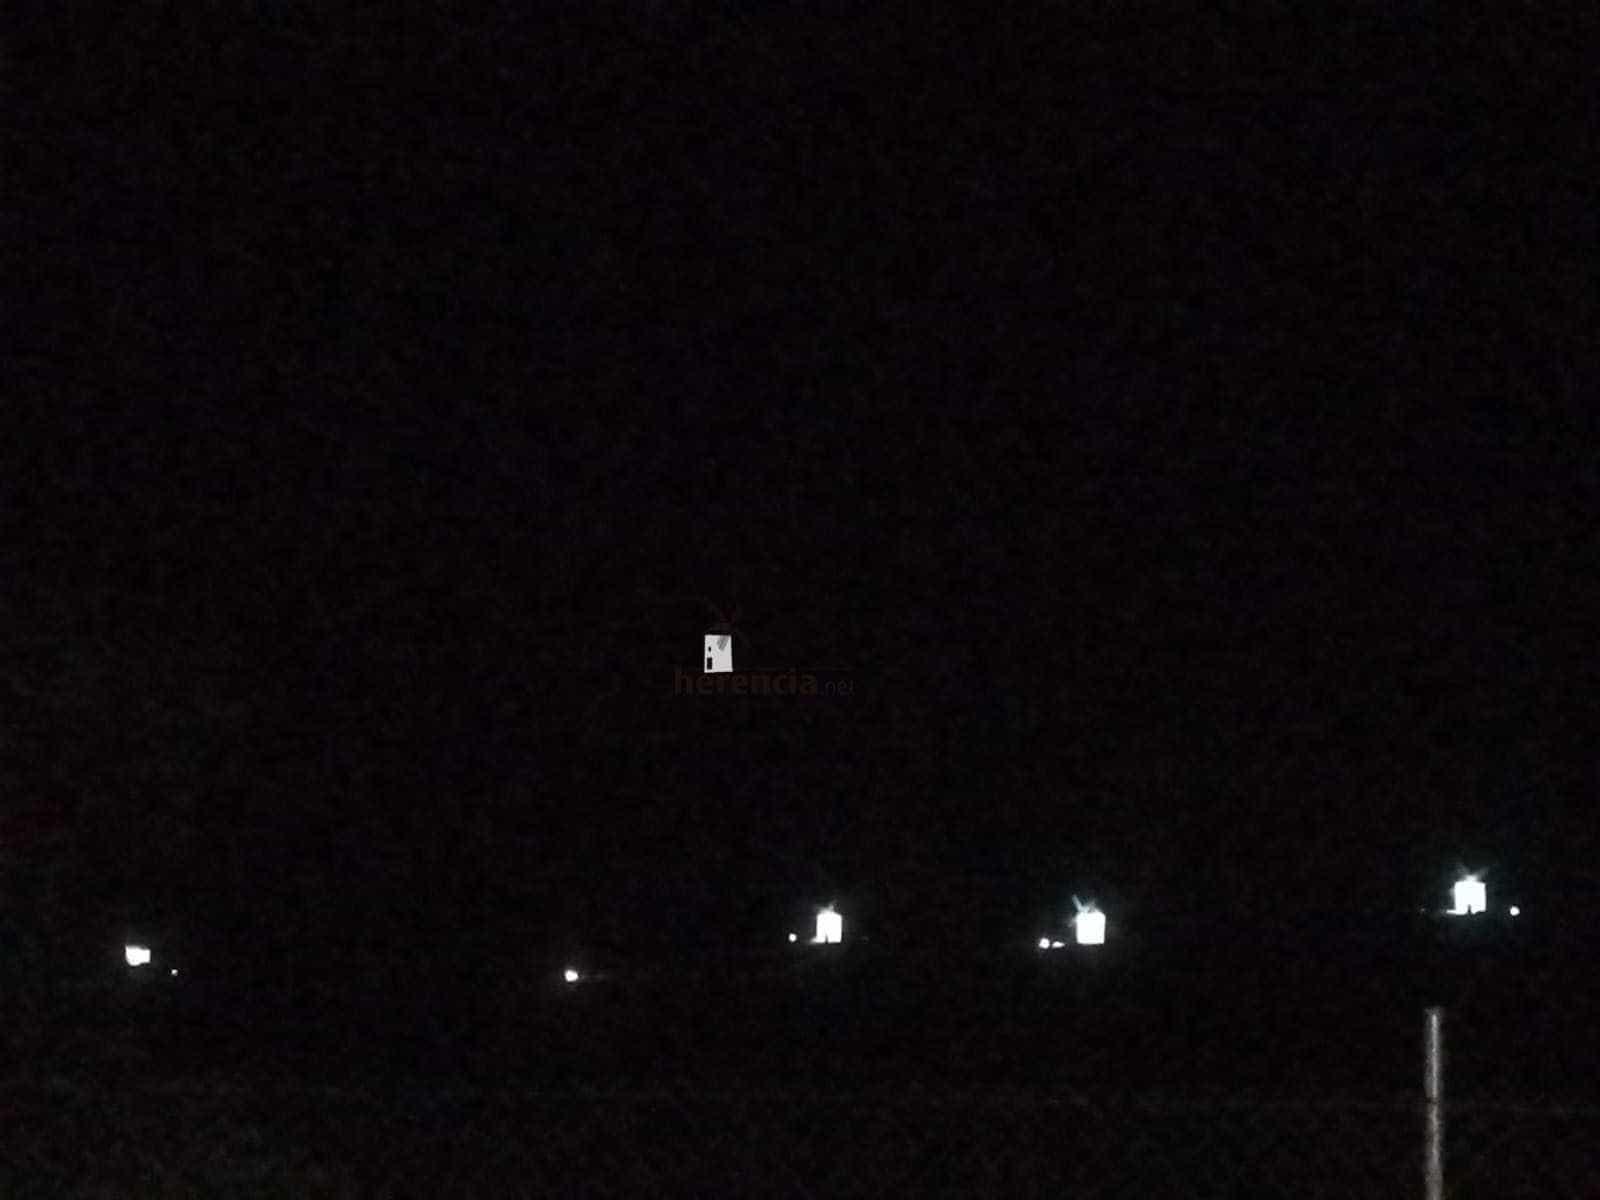 iluminacion molinos herencia 1 - Probando la nueva iluminación de los Molinos de Herencia